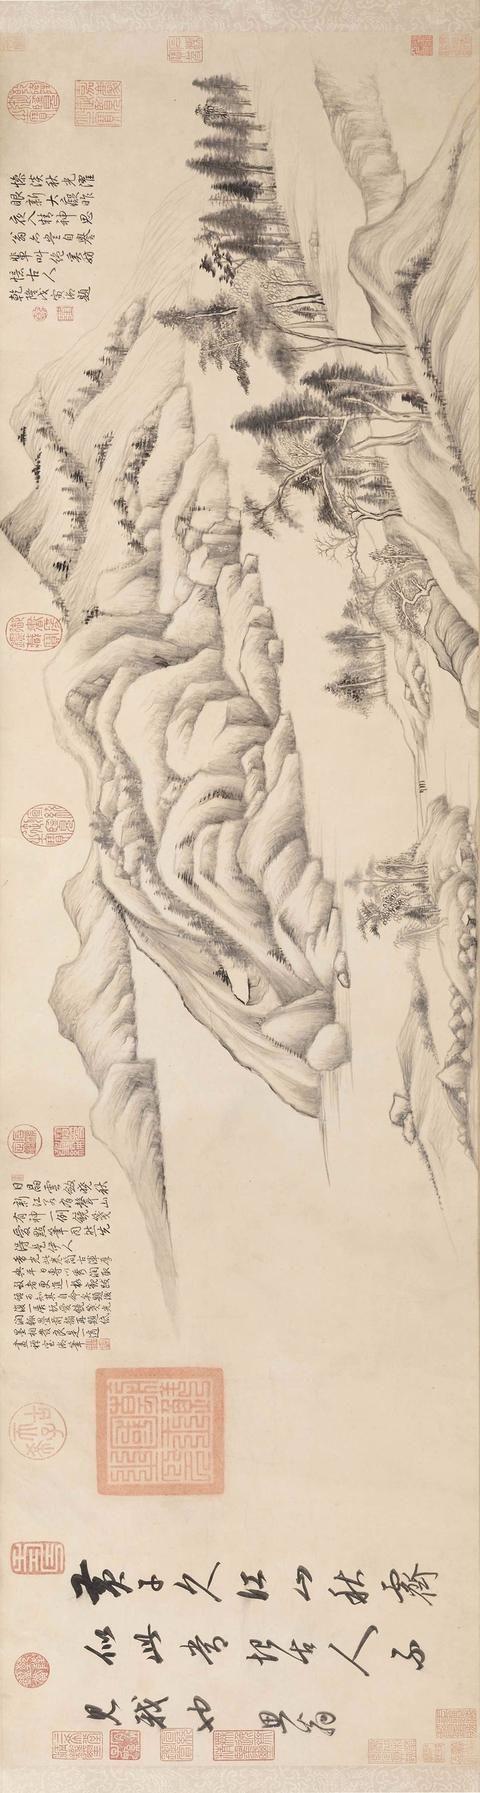 董其昌,《江山秋霁图》卷,明,纸本水墨,37.